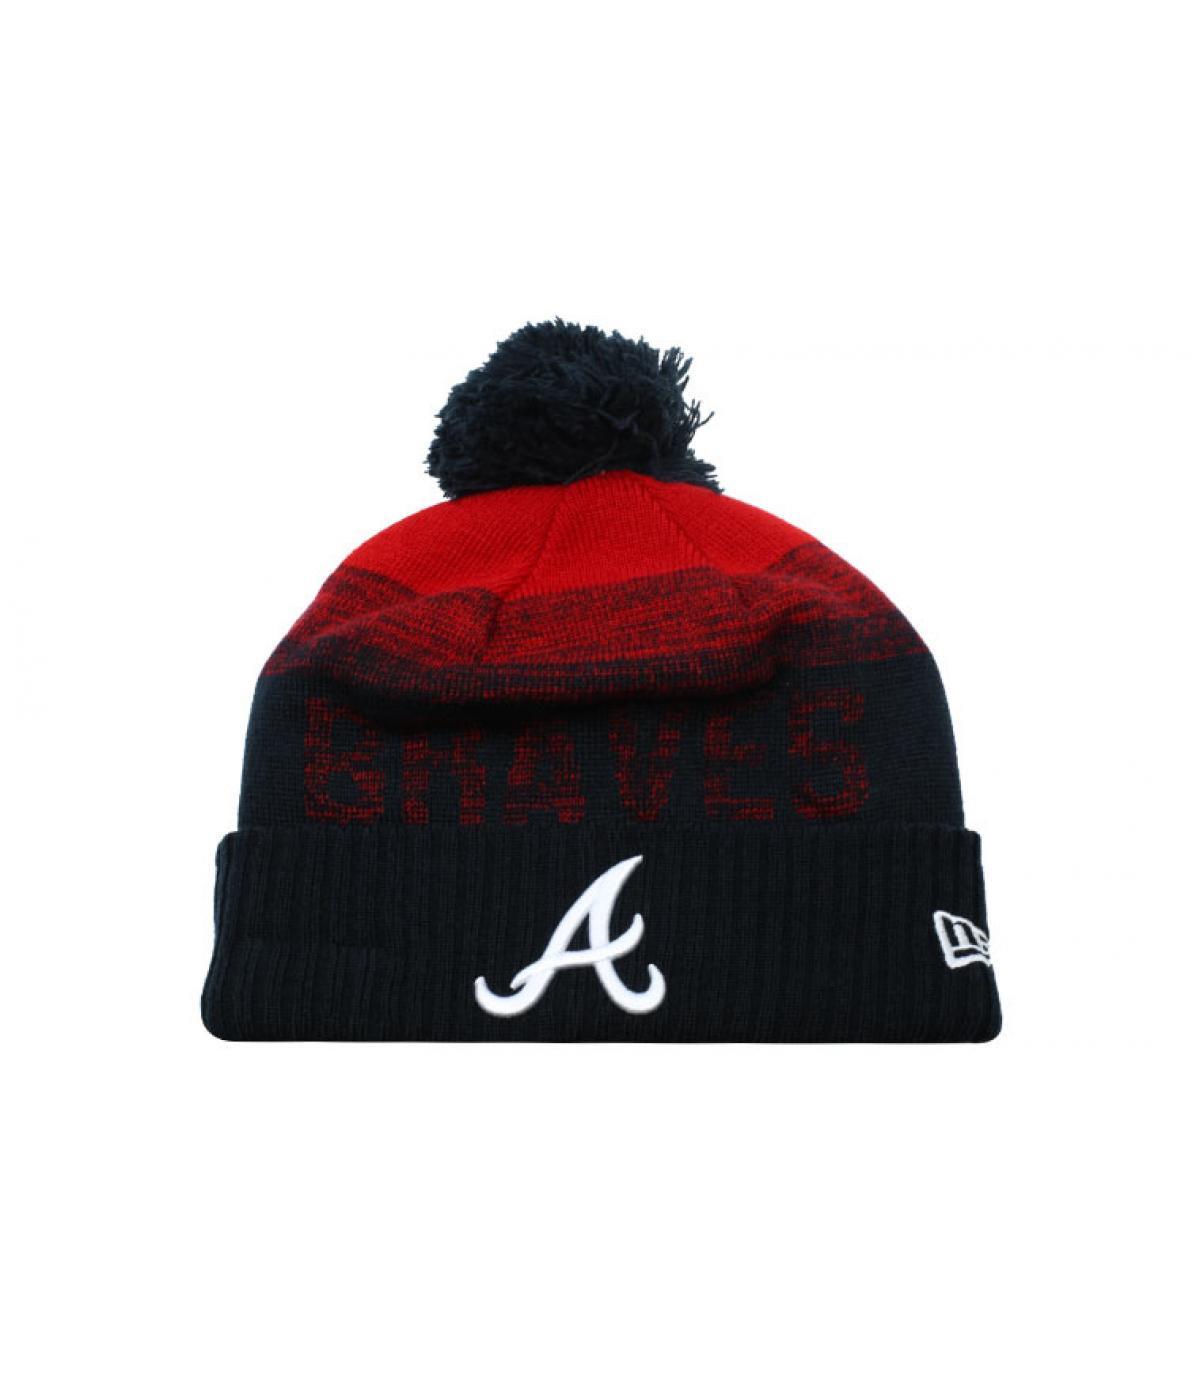 Détails Bonnet MLB Sport Knit Atlanta - image 2